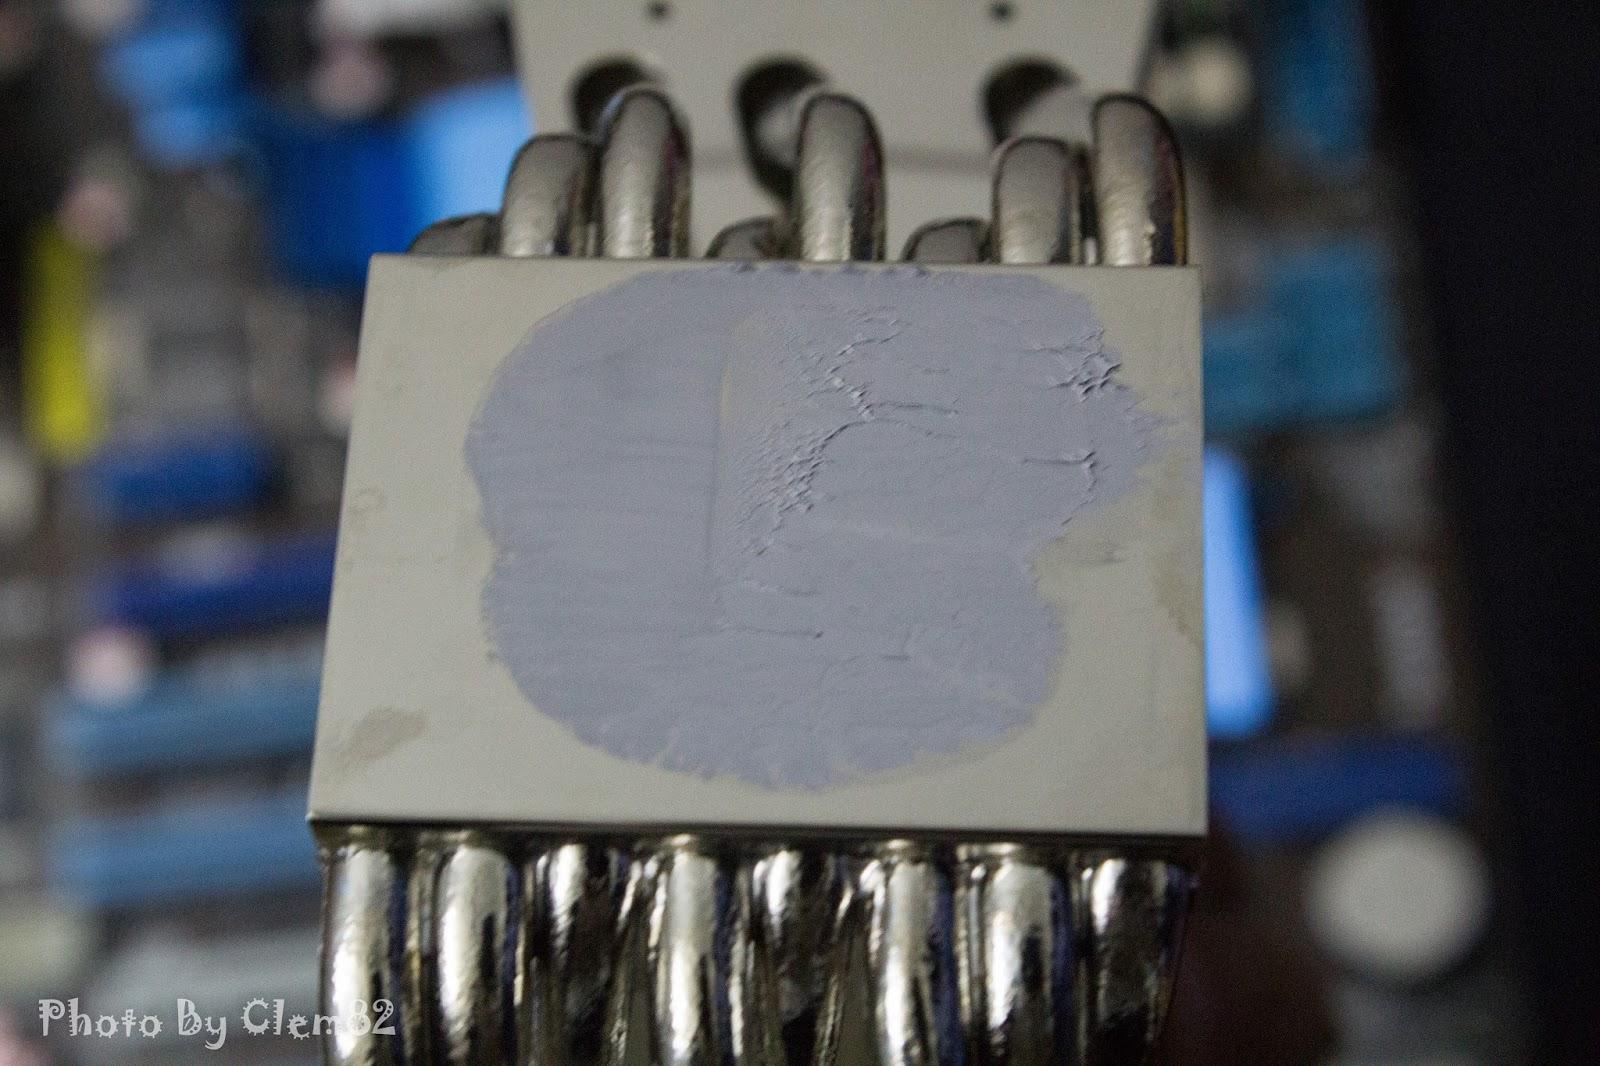 Thermalright Archon SB-E X2 85